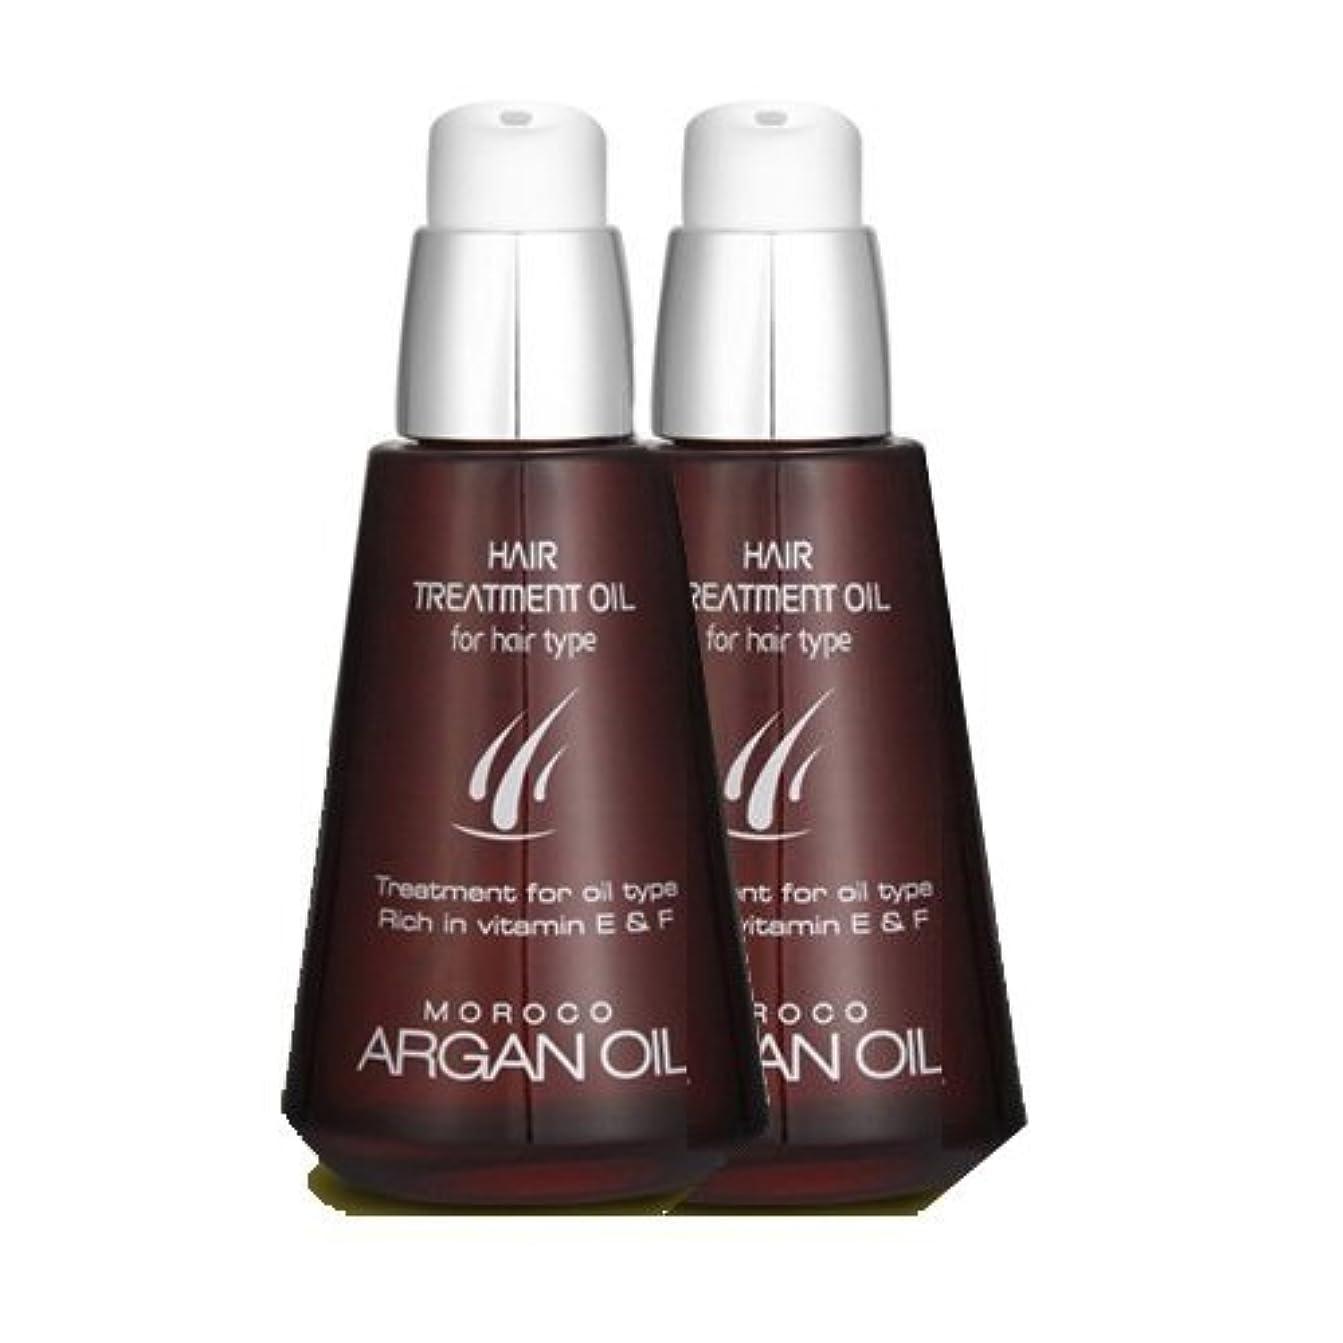 ソーシャル蒸発エキス2個大事なあなたに/保湿/モロッコの伝統的な生産アルガンオイル100%30ml乾燥肌/